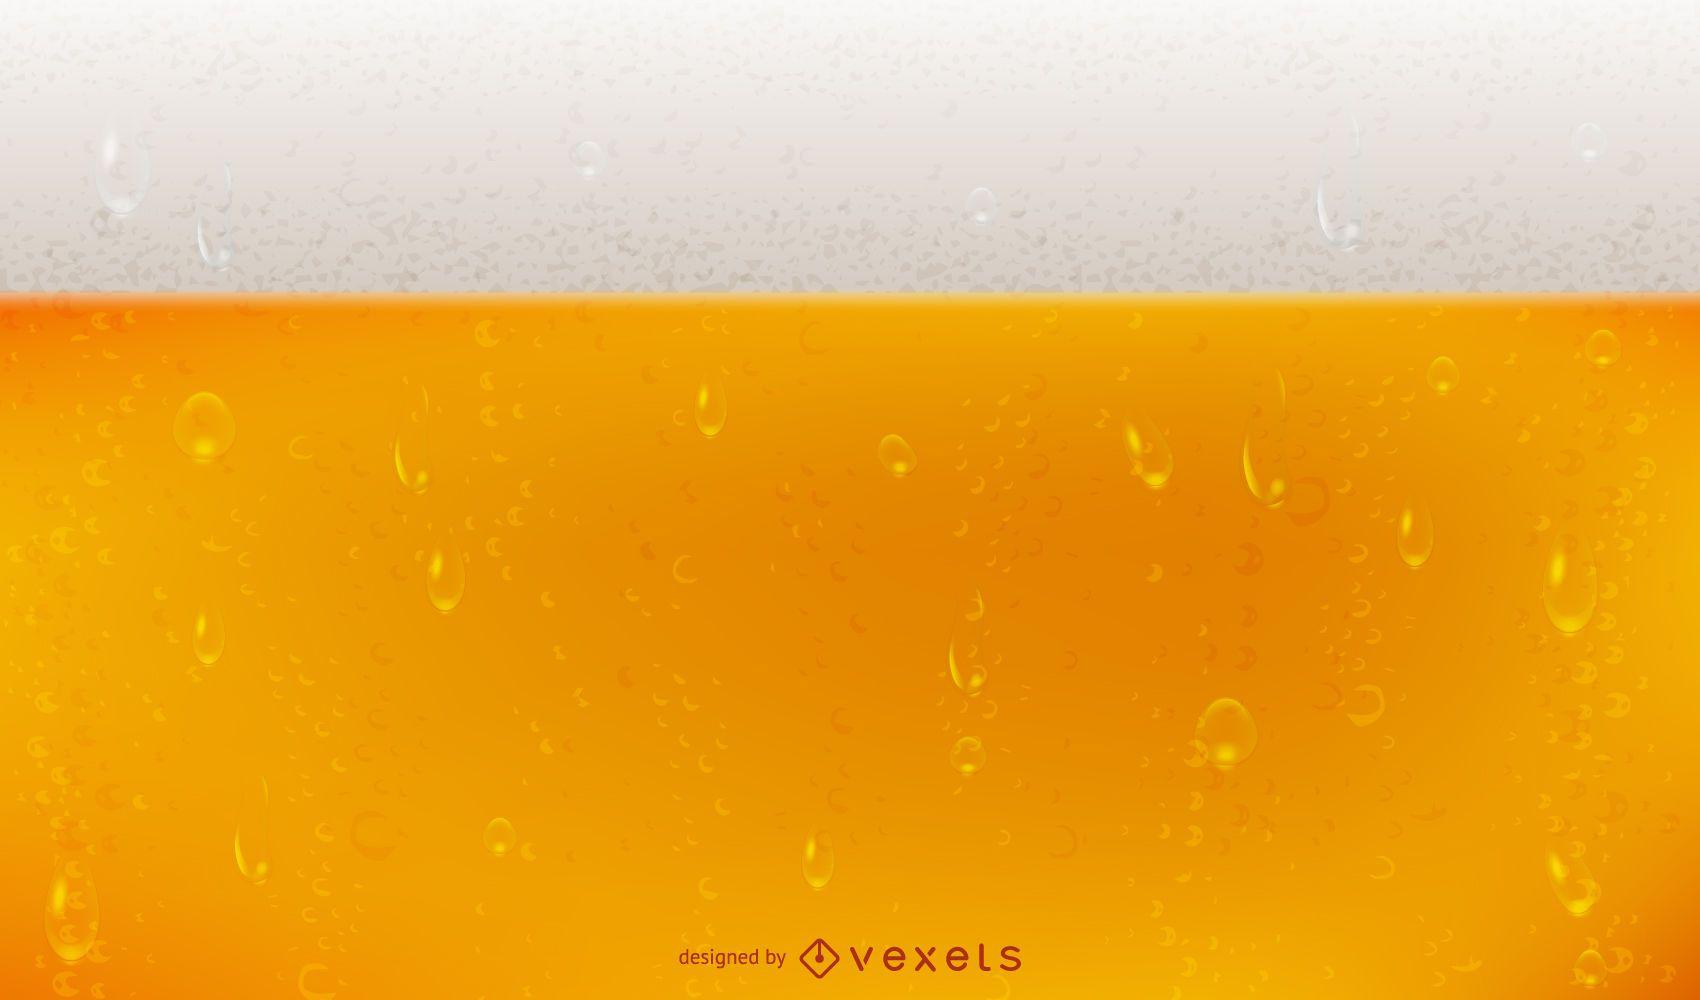 Beer texture background